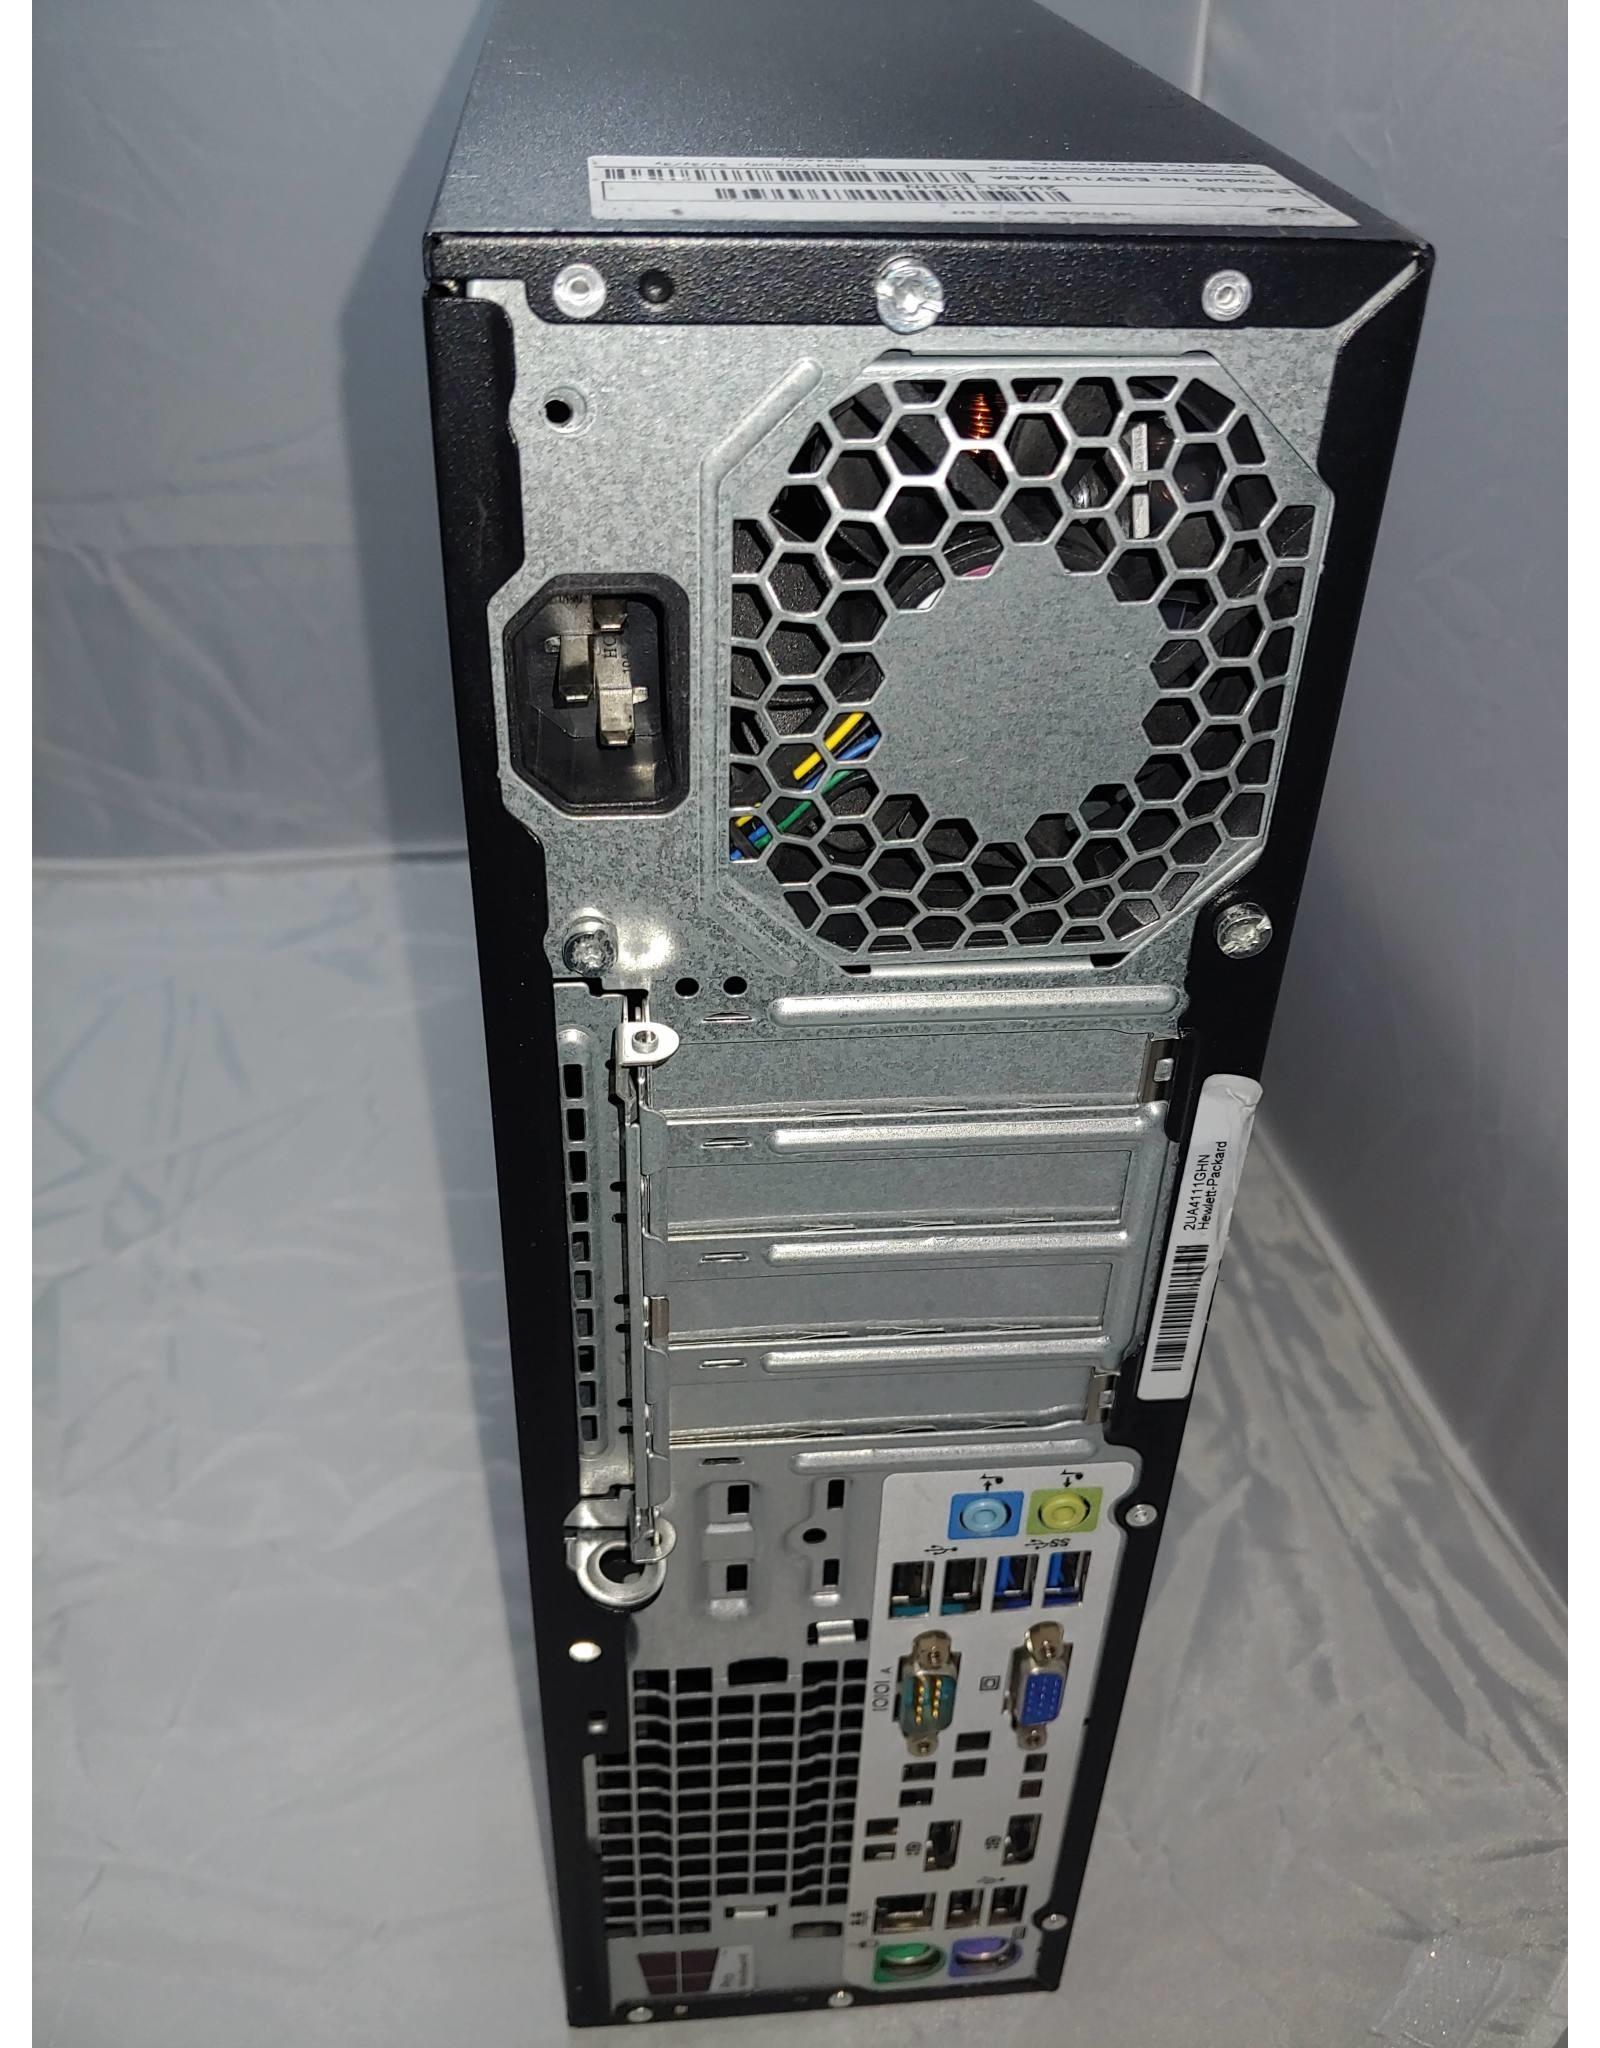 Refurbished Prodesk 600 G1 Tower